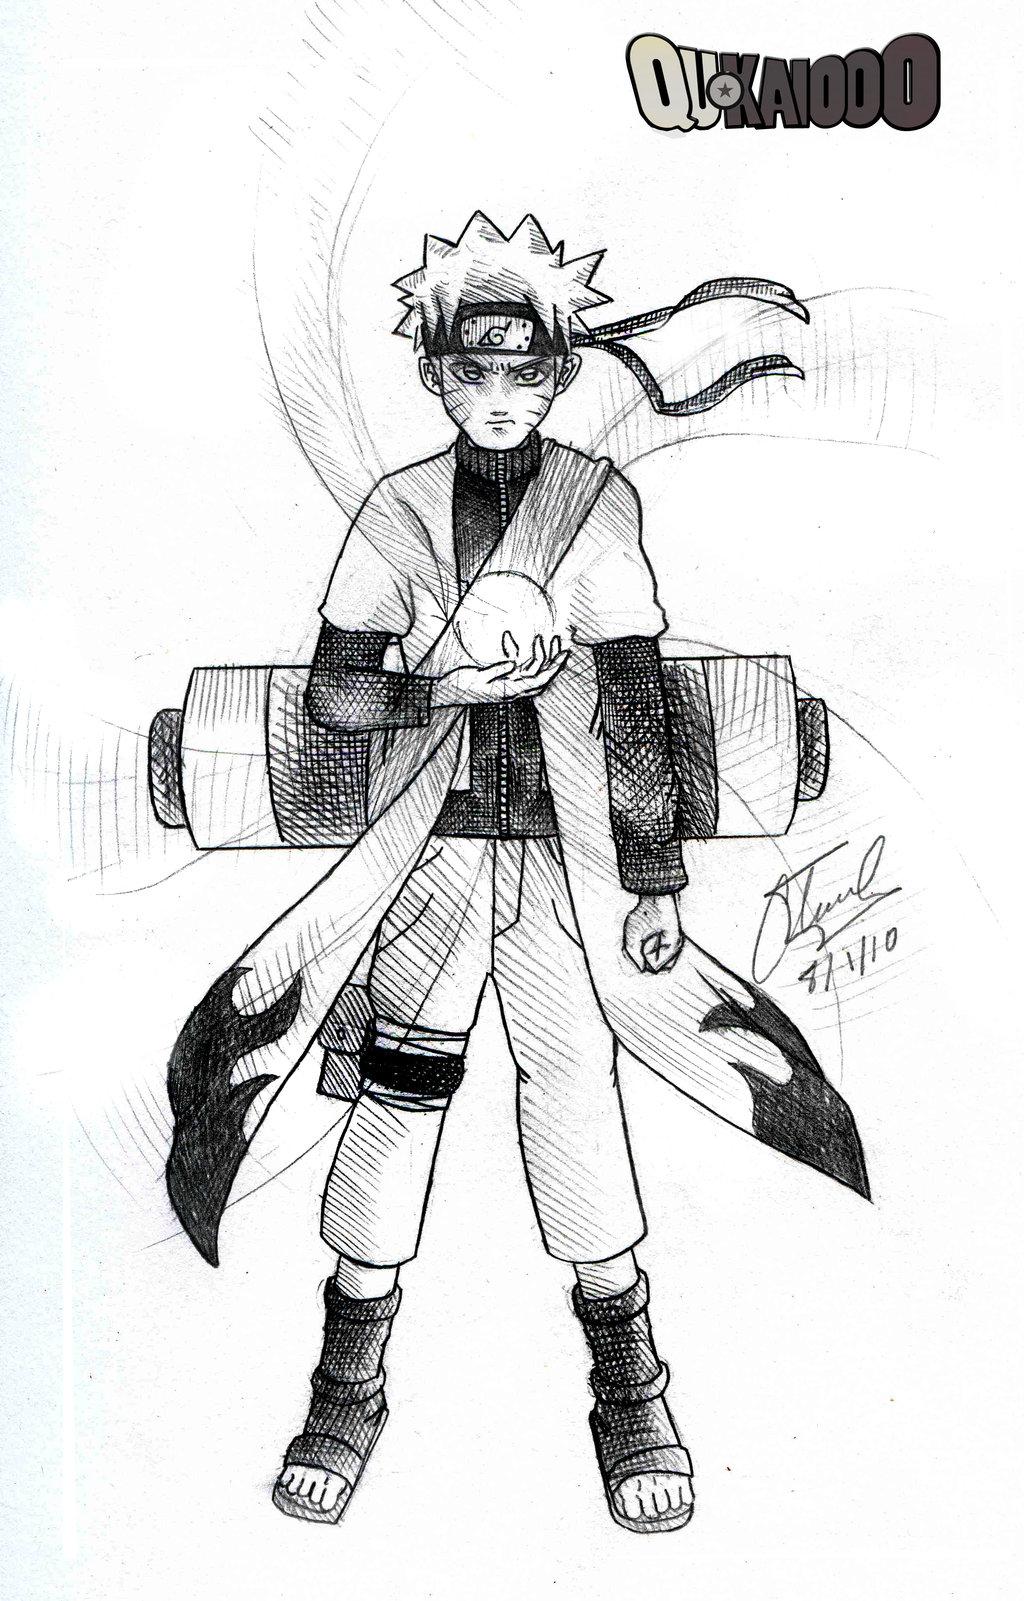 1024x1601 Naruto Sage Mode Pencil by qukai415 on DeviantArt